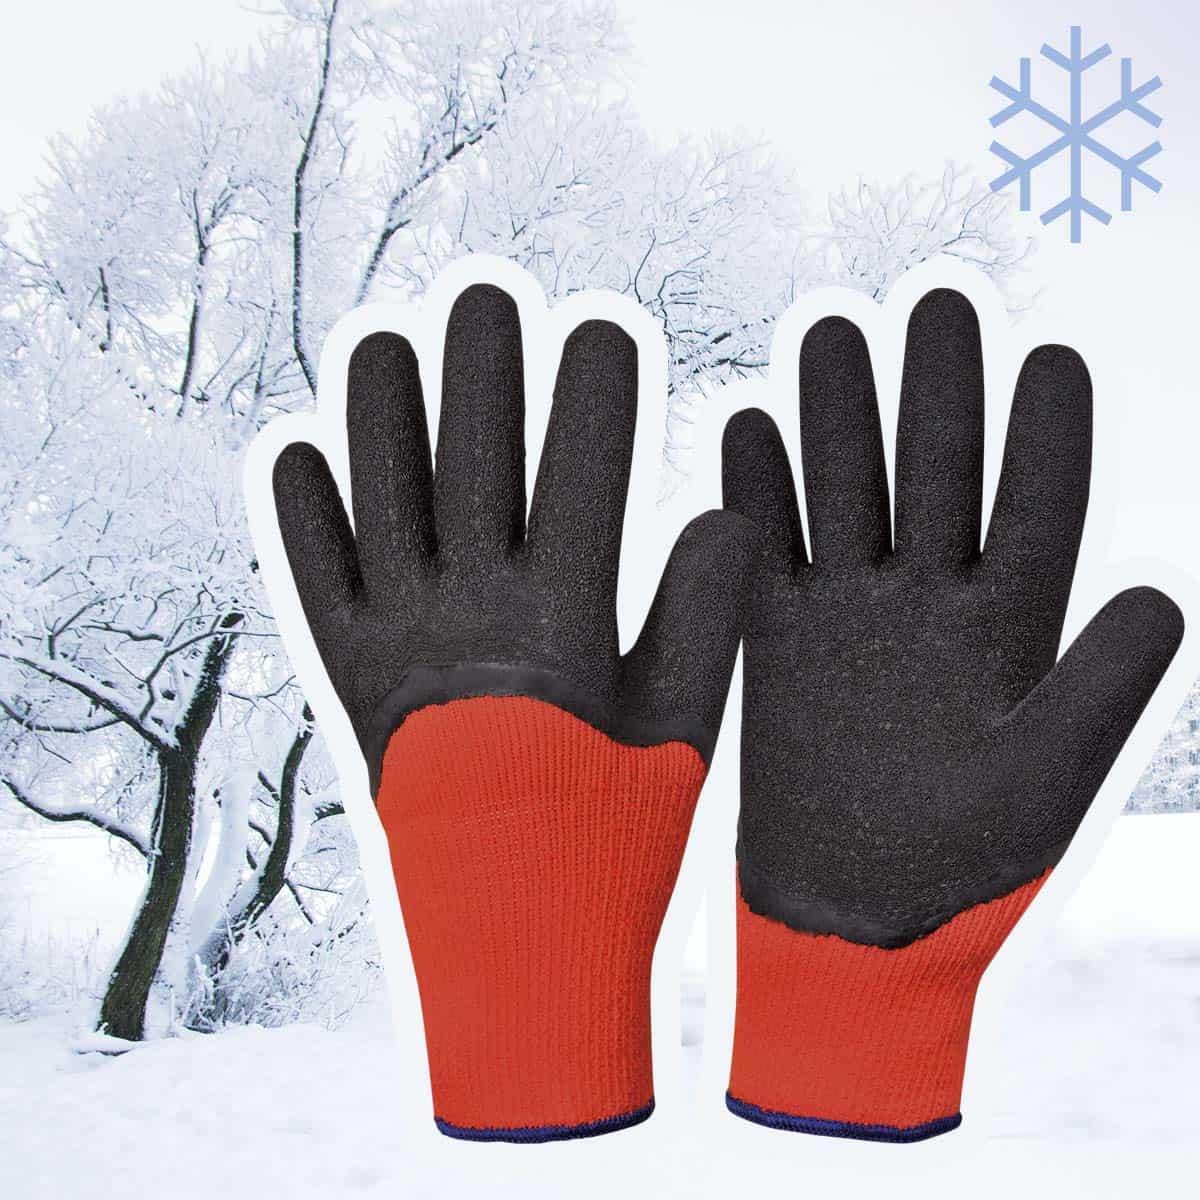 gants chauds polyvalents pour le jardin mains frileuses equipement du jardinier. Black Bedroom Furniture Sets. Home Design Ideas